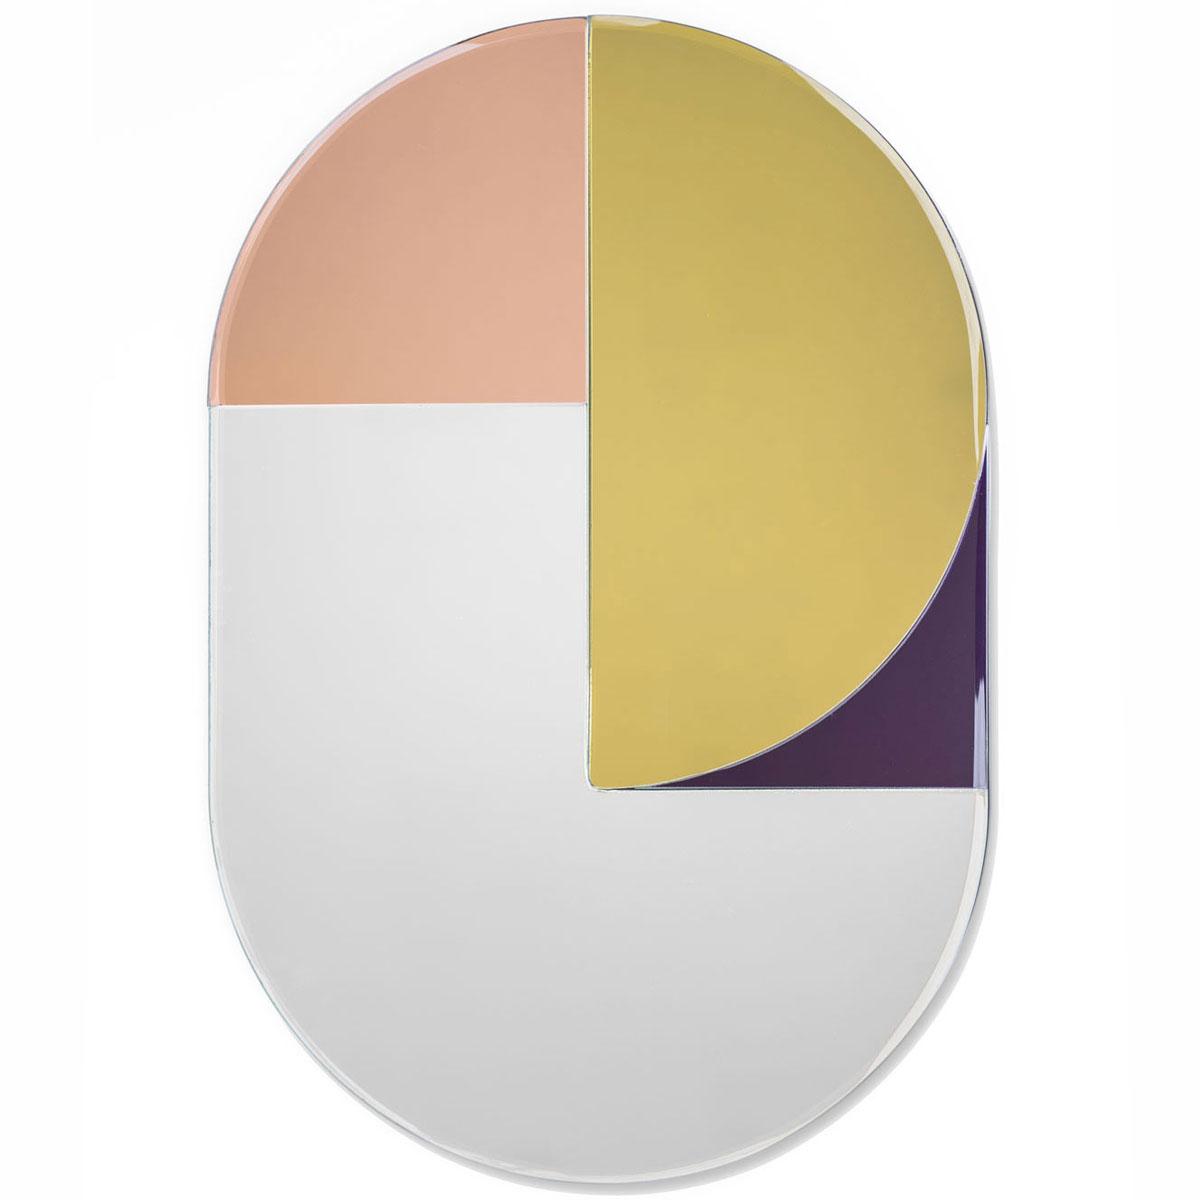 ミラー アマブロ COLOR MIRROR オブジェのように美しいスタイル! おしゃれ 壁掛け 鏡 amabro カラーミラー ラウンド